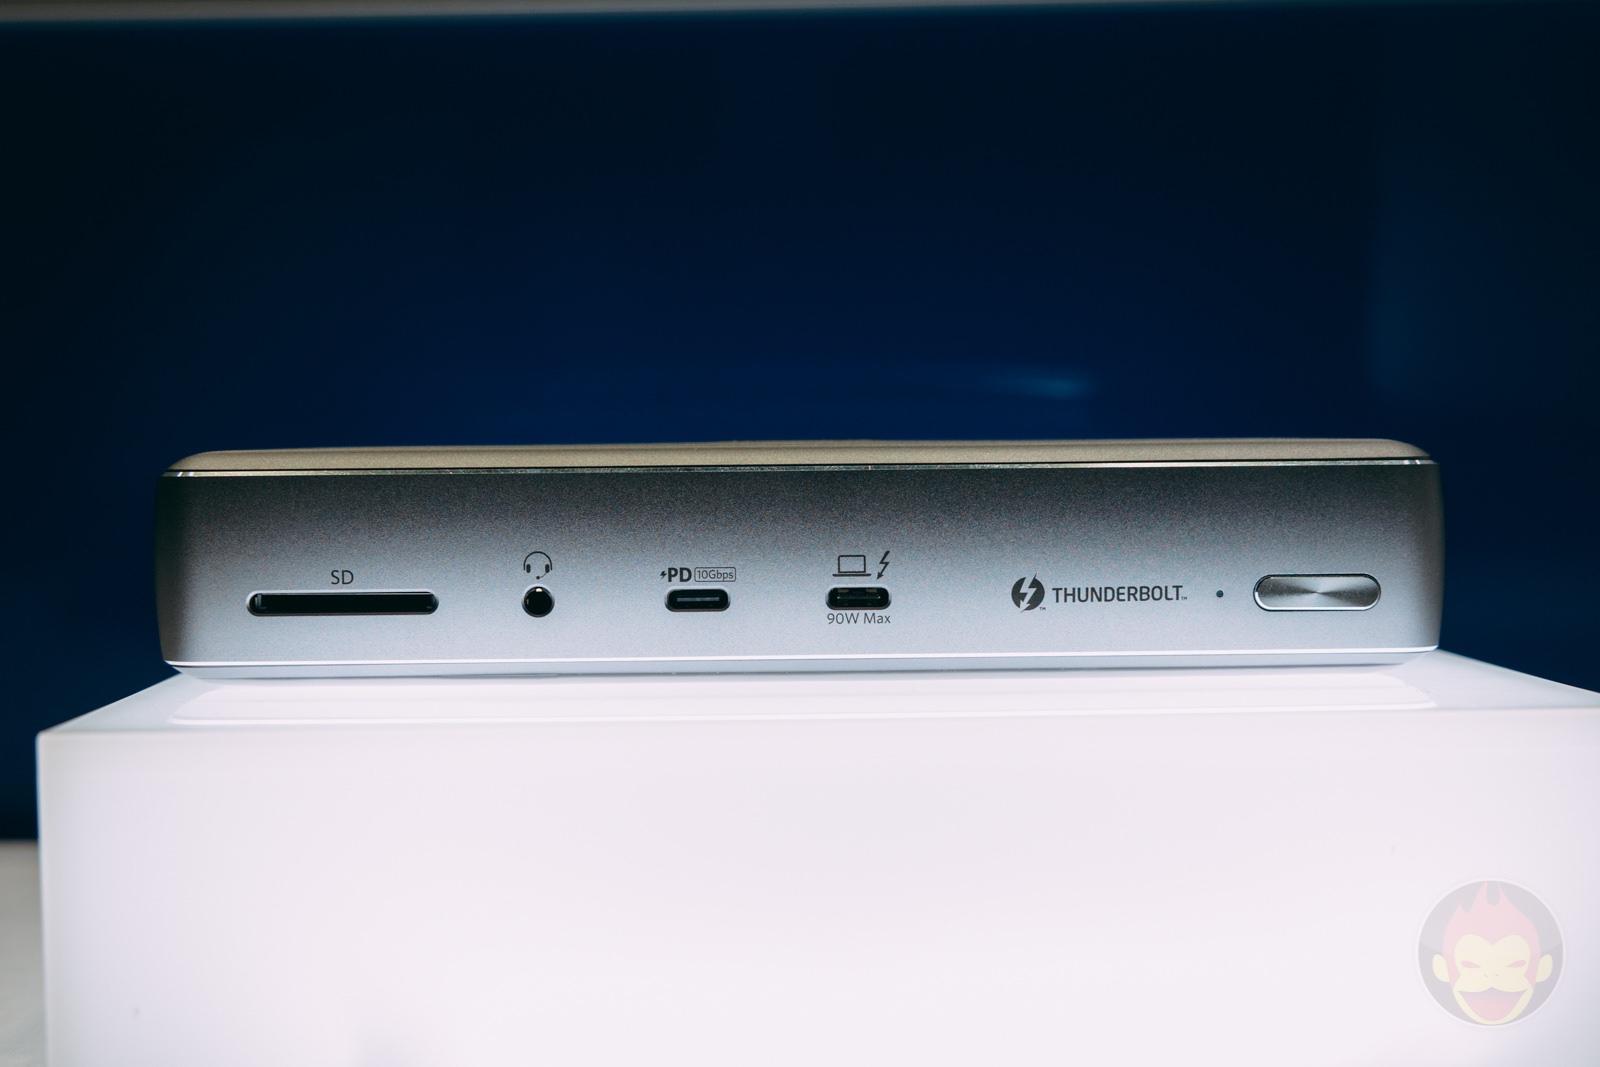 PowerExpand Elite 12-in-1 Thunderbolt 4 Dock